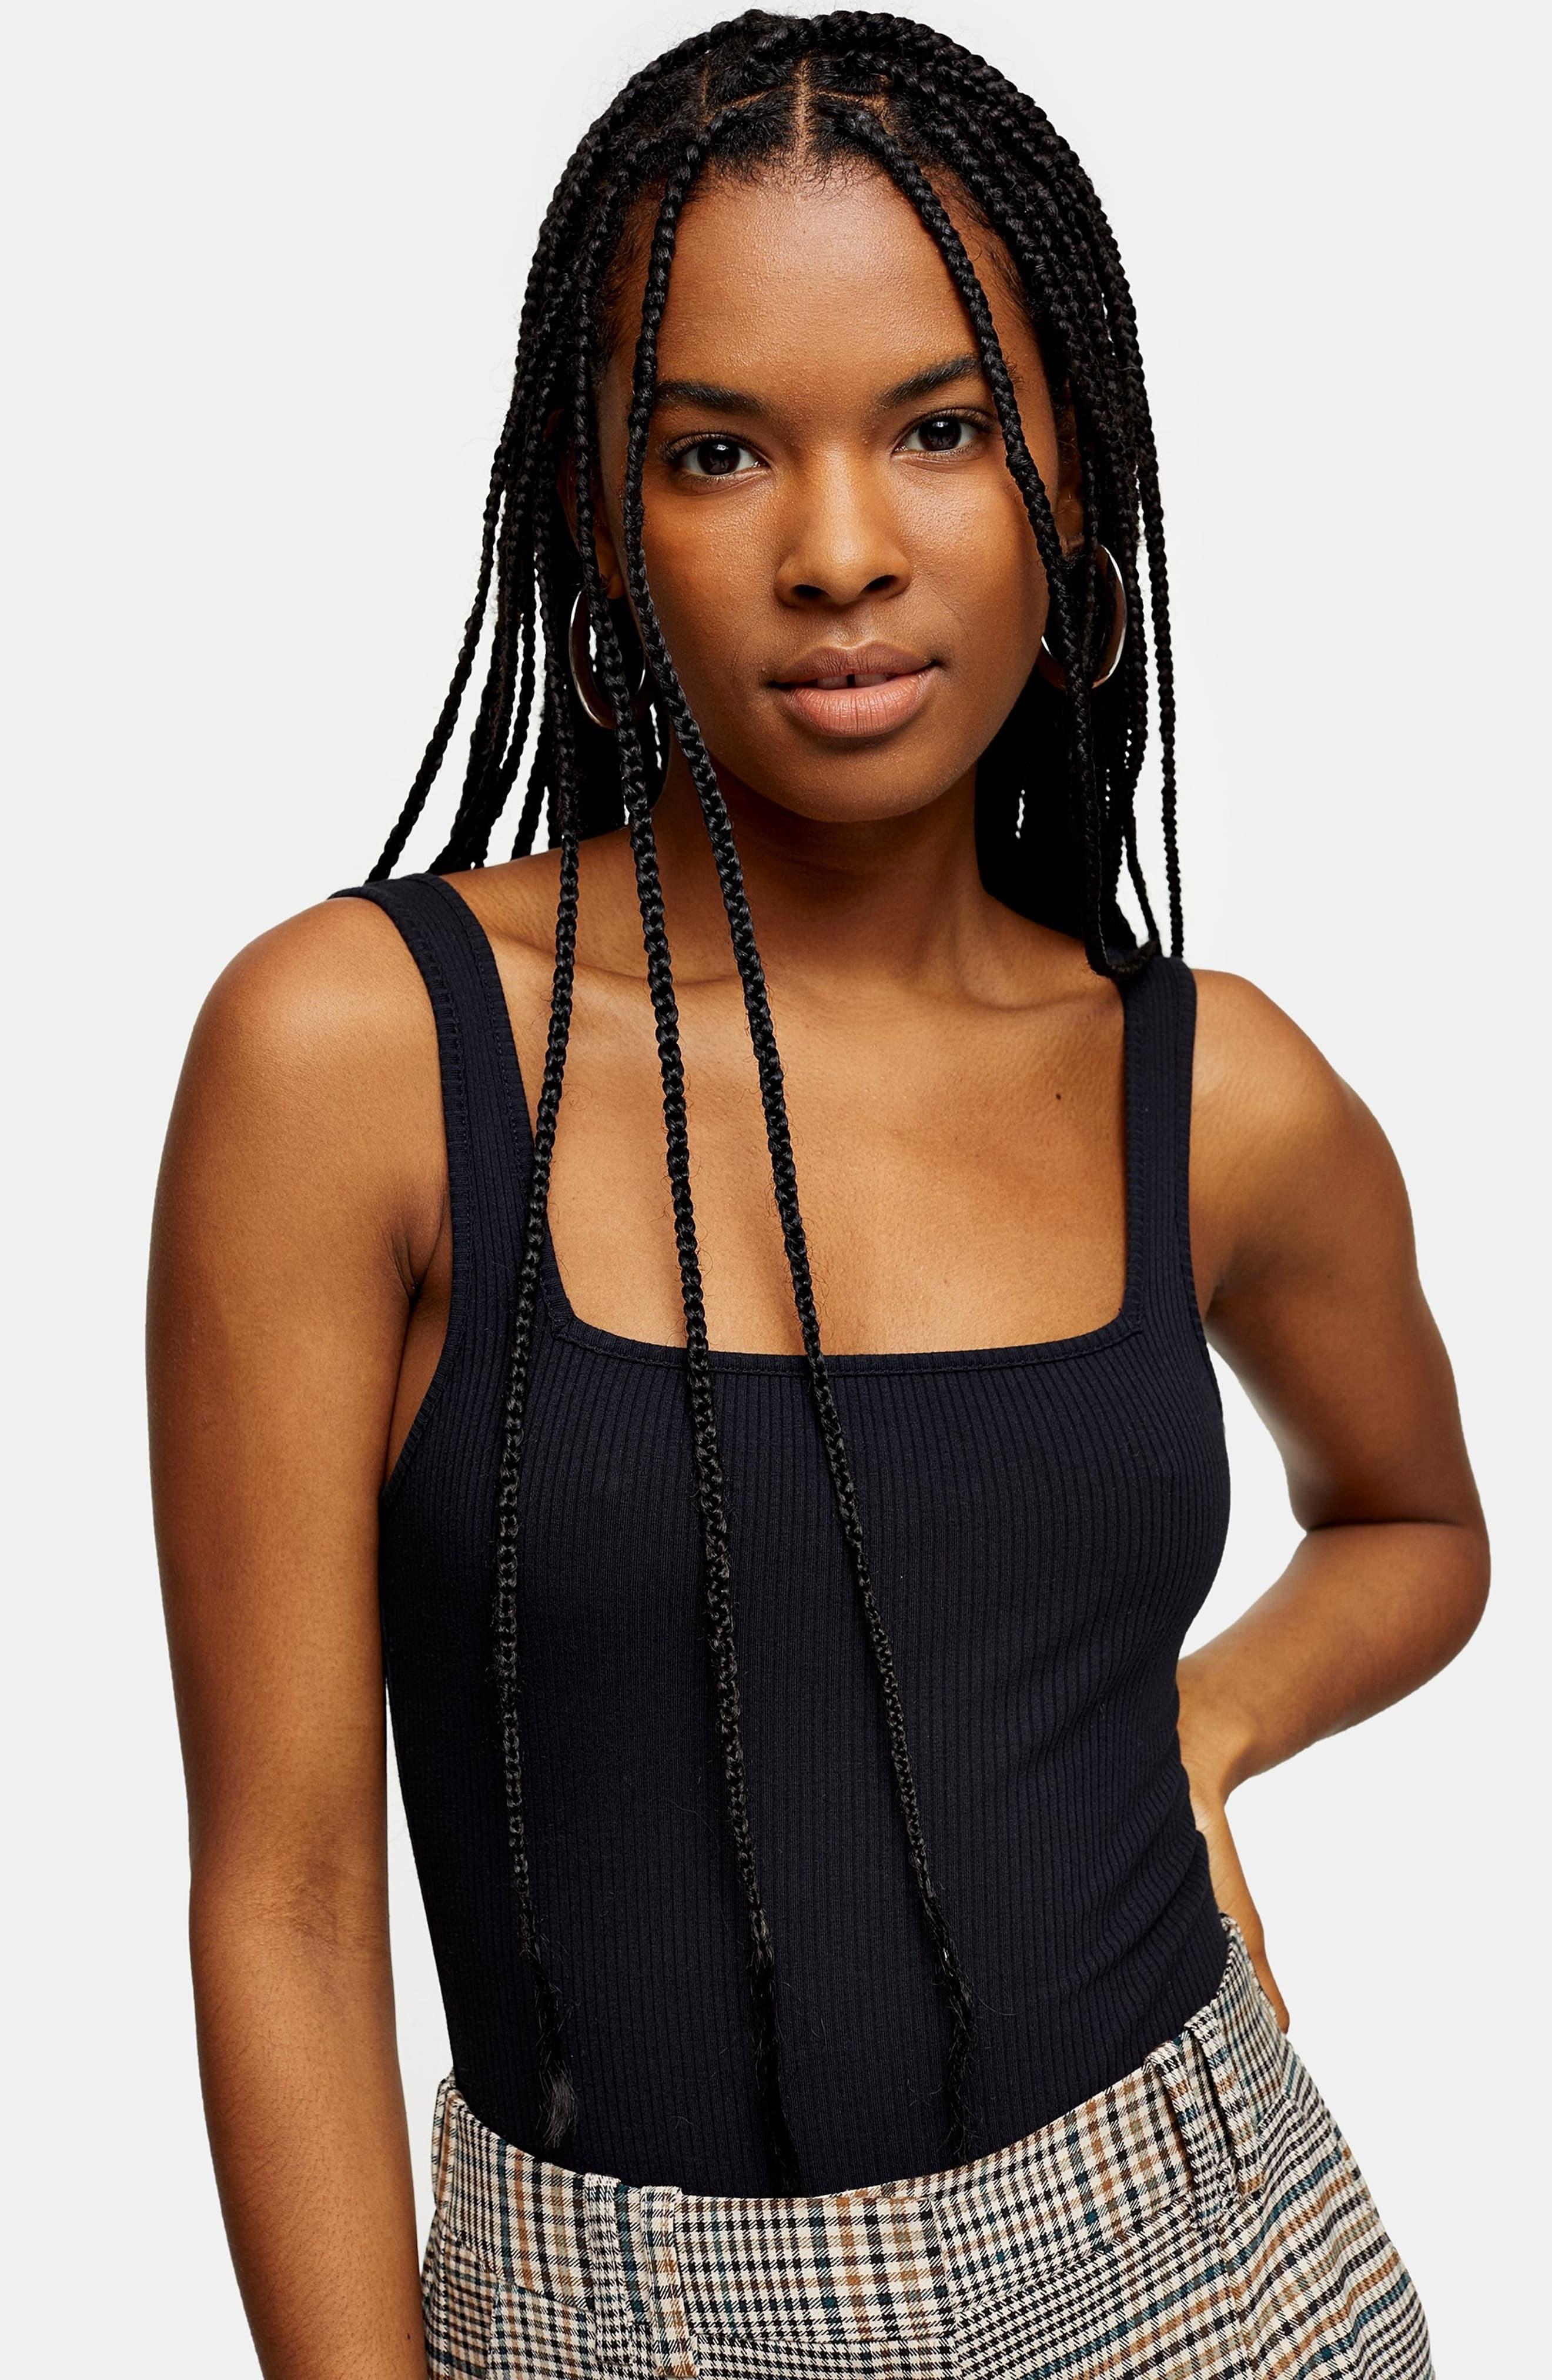 Model wearing the bodysuit in black